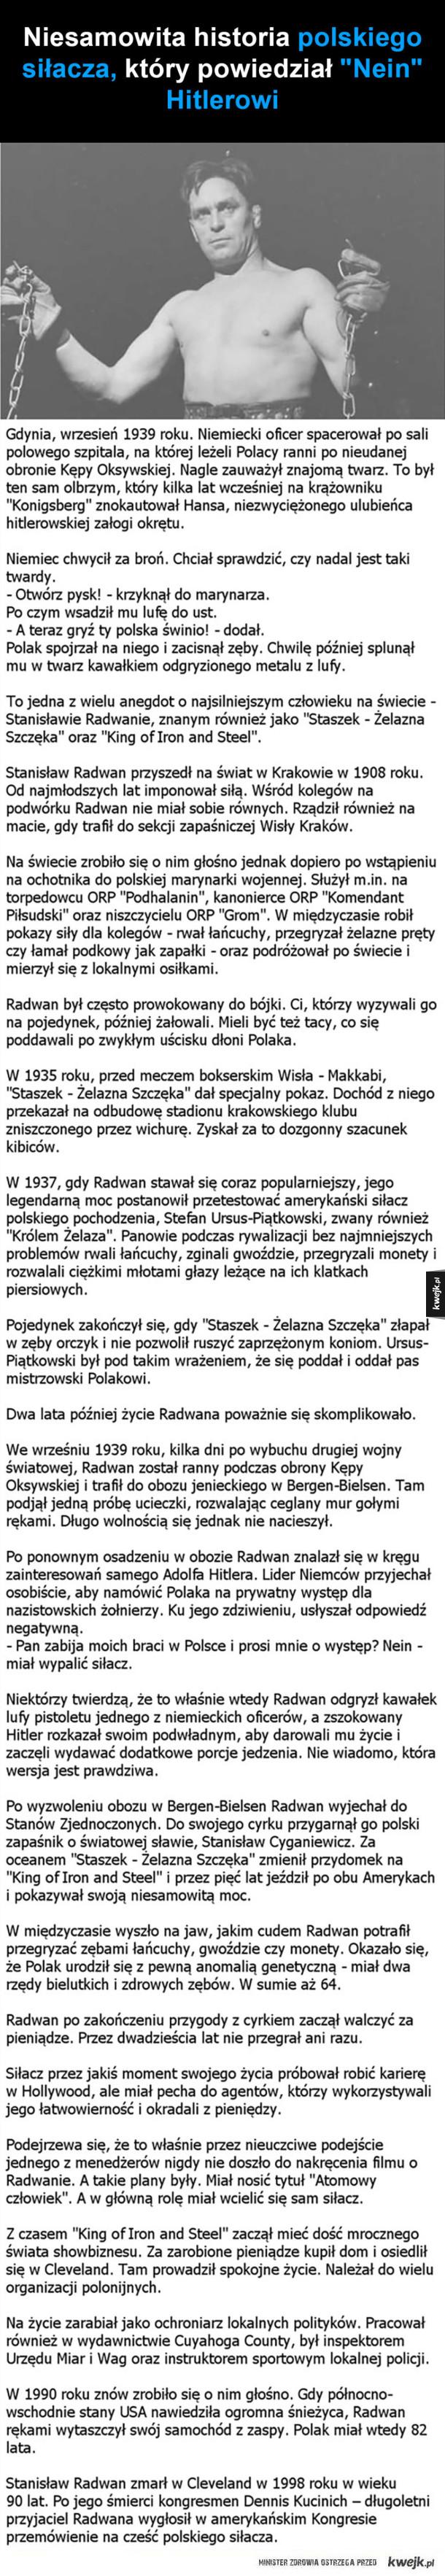 Niesamowita historia polskiego siłacza